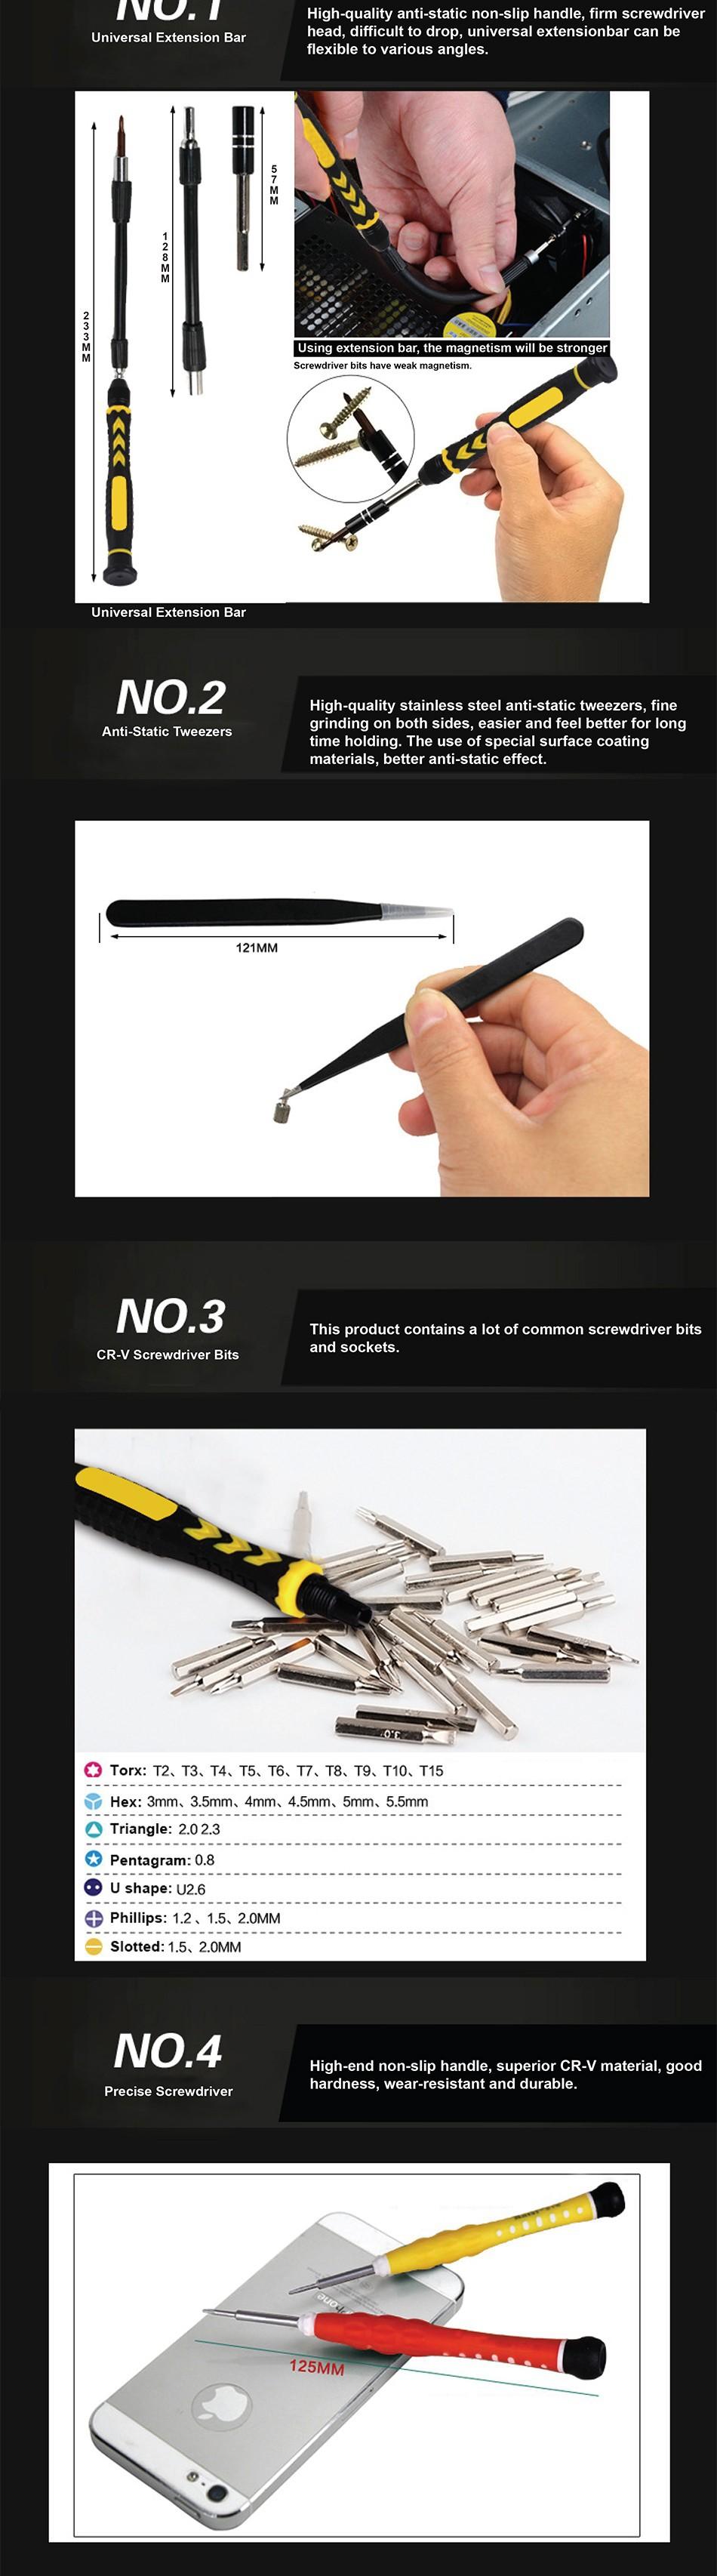 Dekopro 38 In 1 Multi Repair Precision Screwdriver Tool